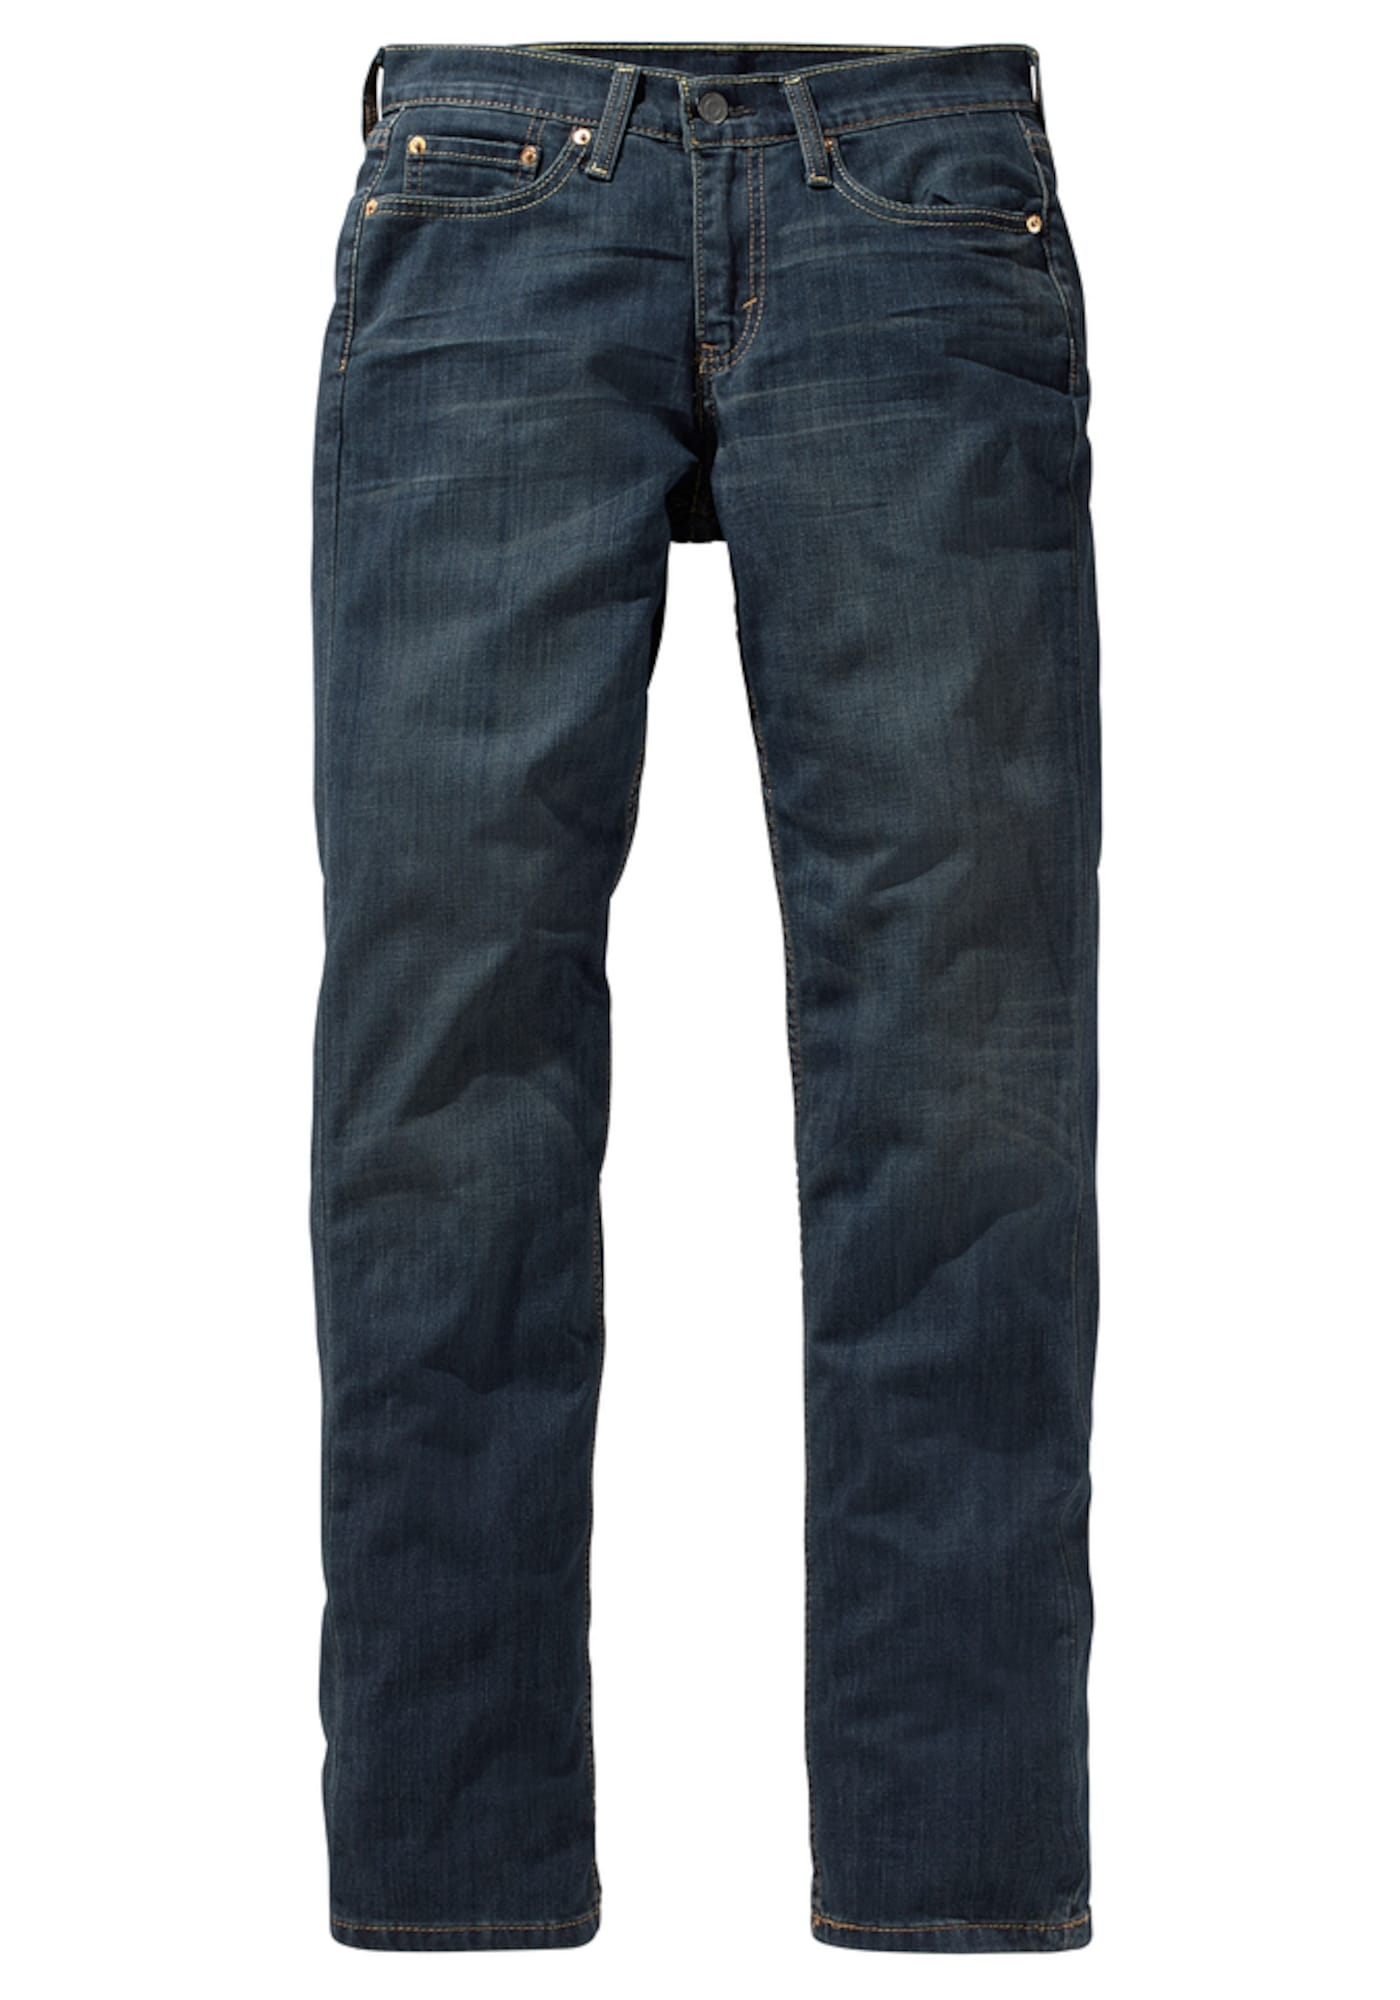 LEVI'S Heren Jeans marine